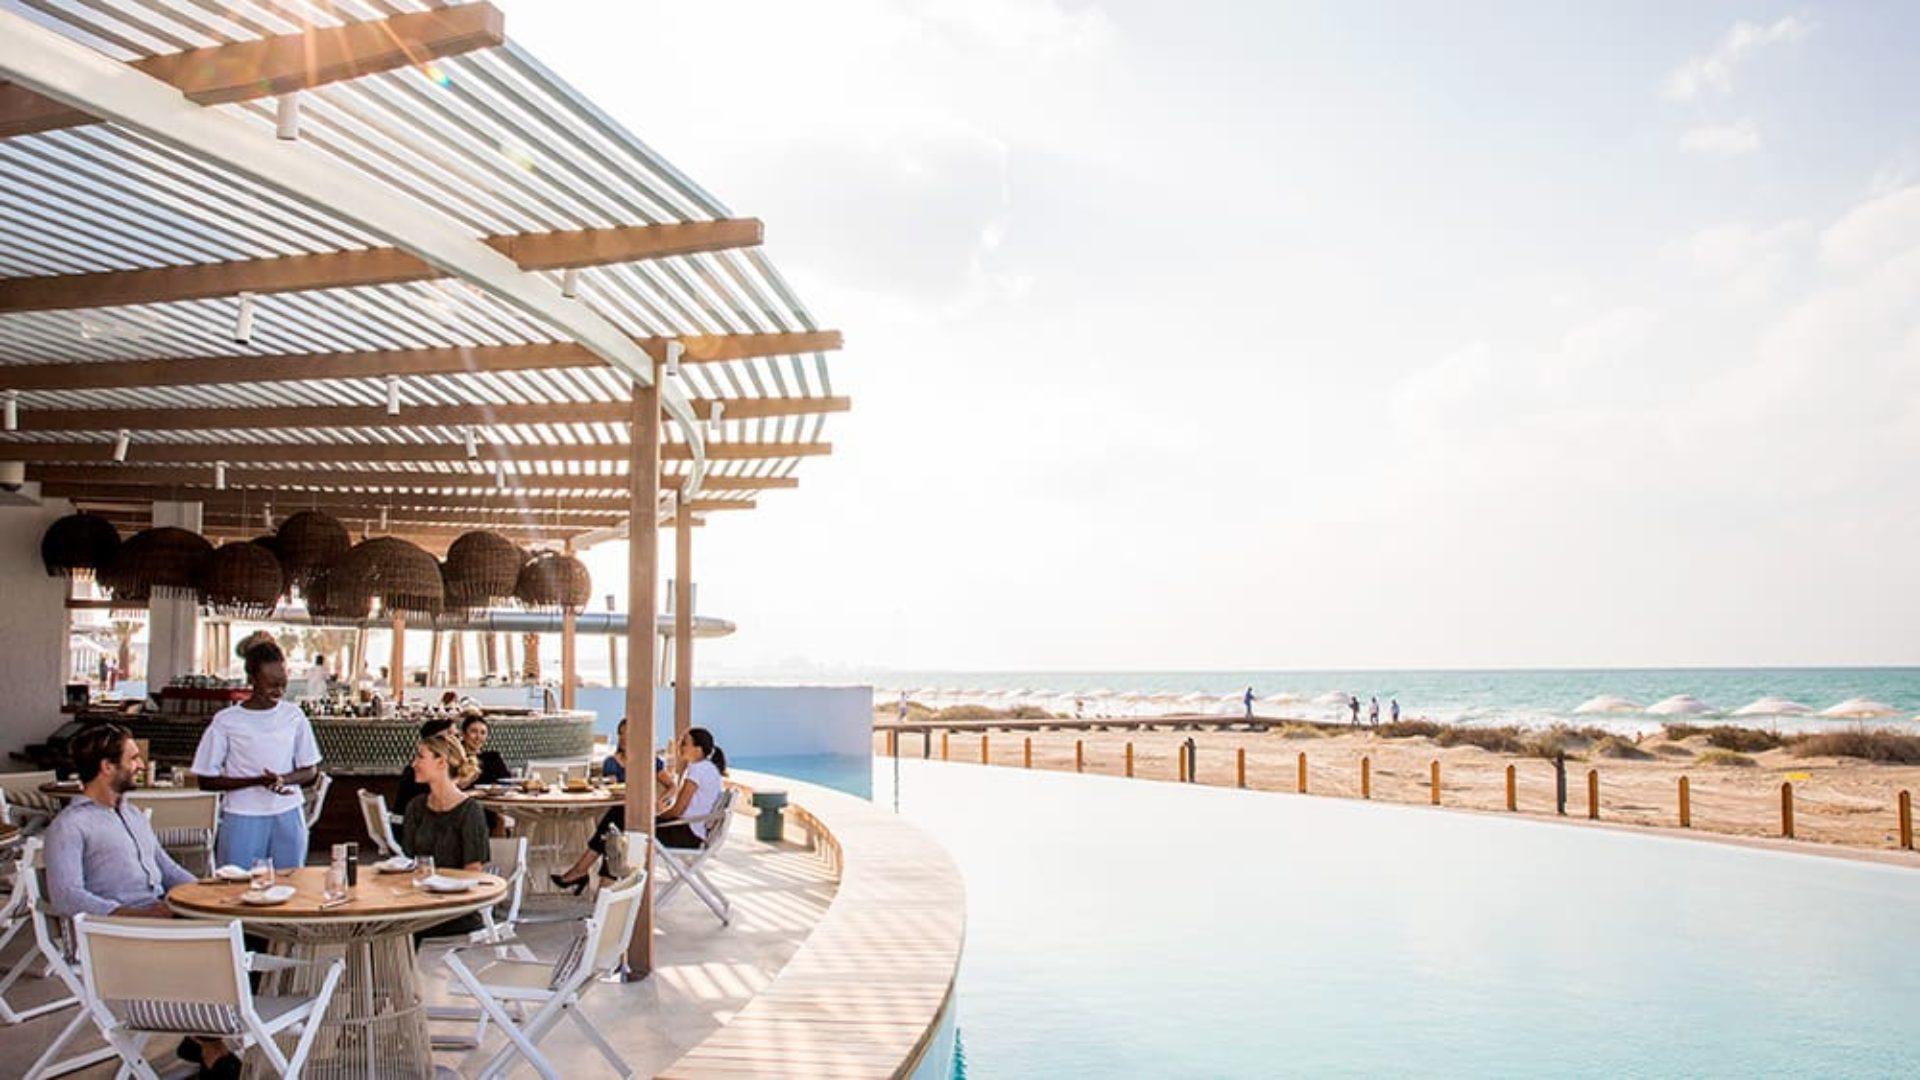 Outdoor dining terrace at Jumeirah at Saadiyat Island